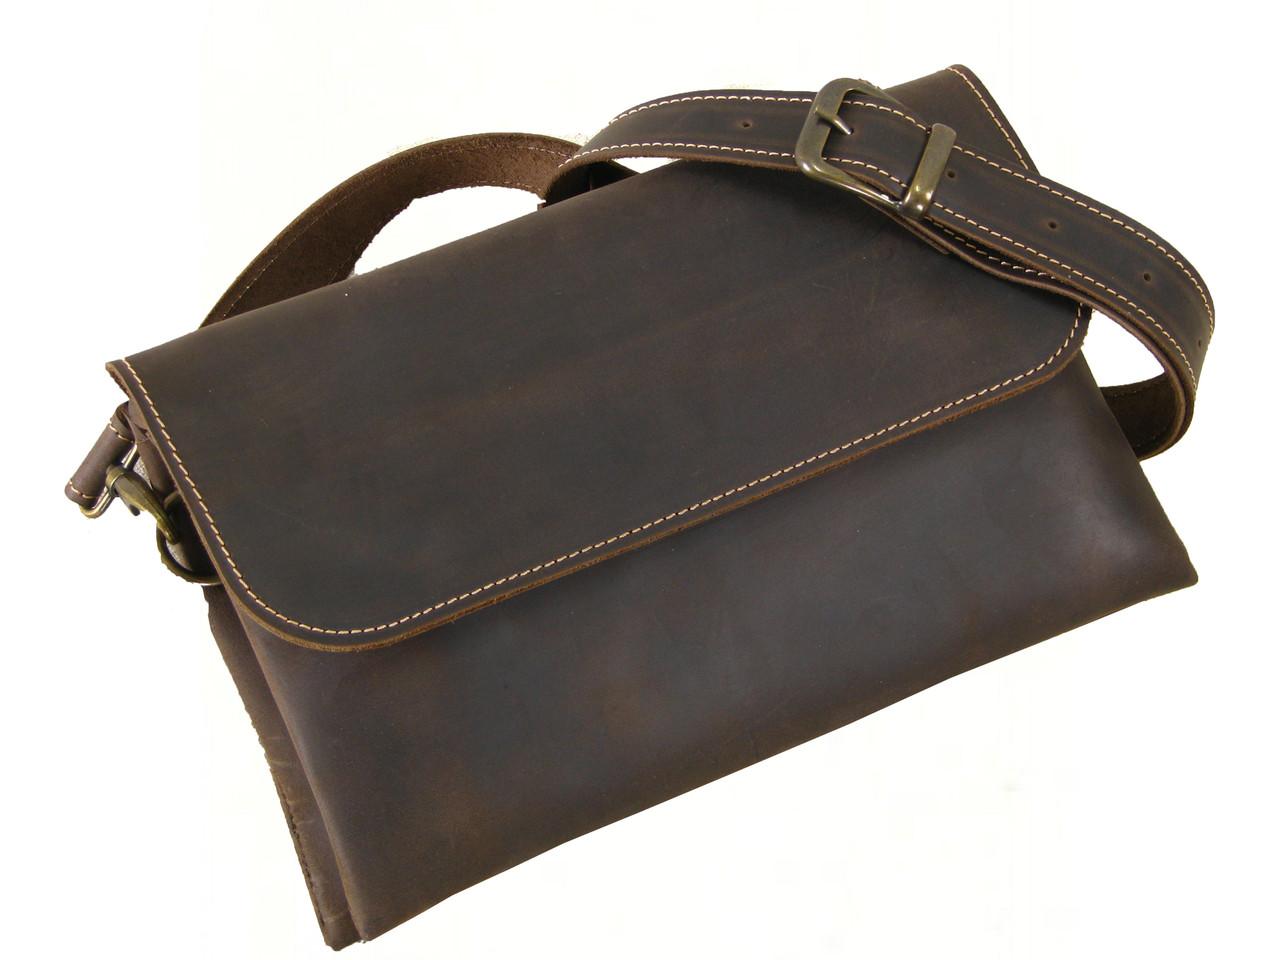 067e2662f48b Женская сумка - клатч GS кожаная коричневая : продажа, цена в ...